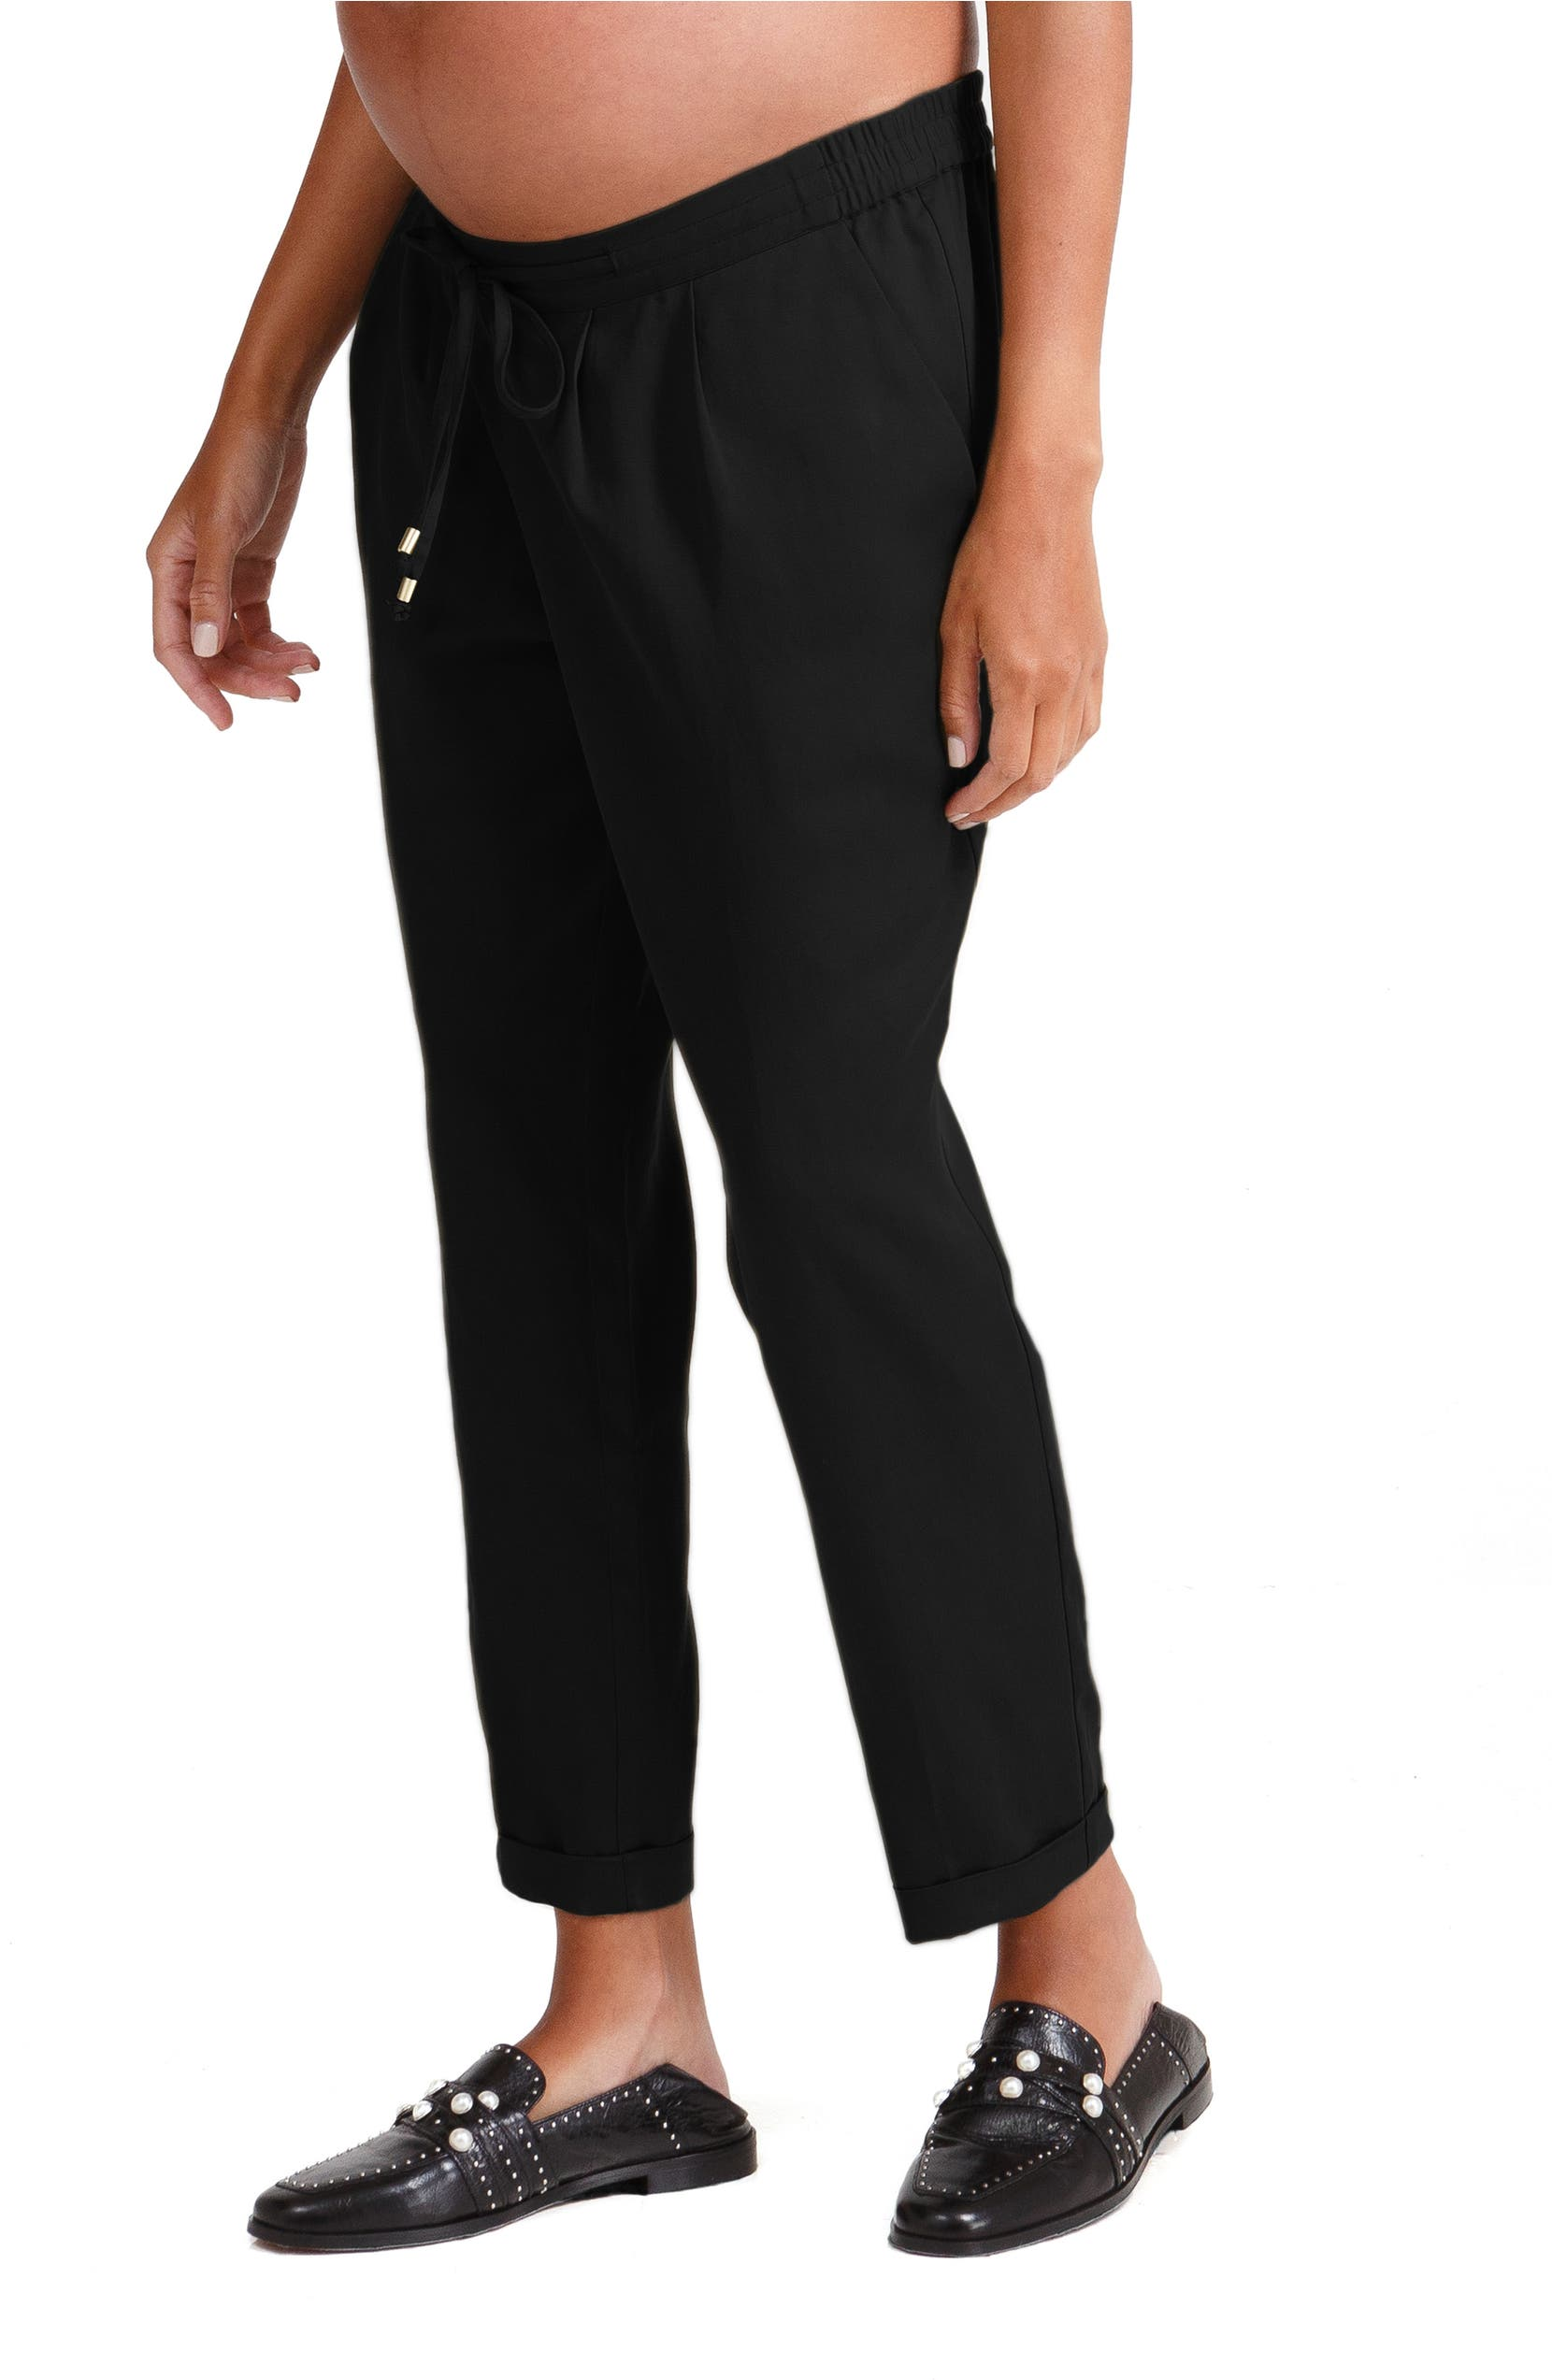 5f07c5efec5b0 Ingrid & Isabel® Under Belly Tapered Maternity Ankle Pants | Nordstrom